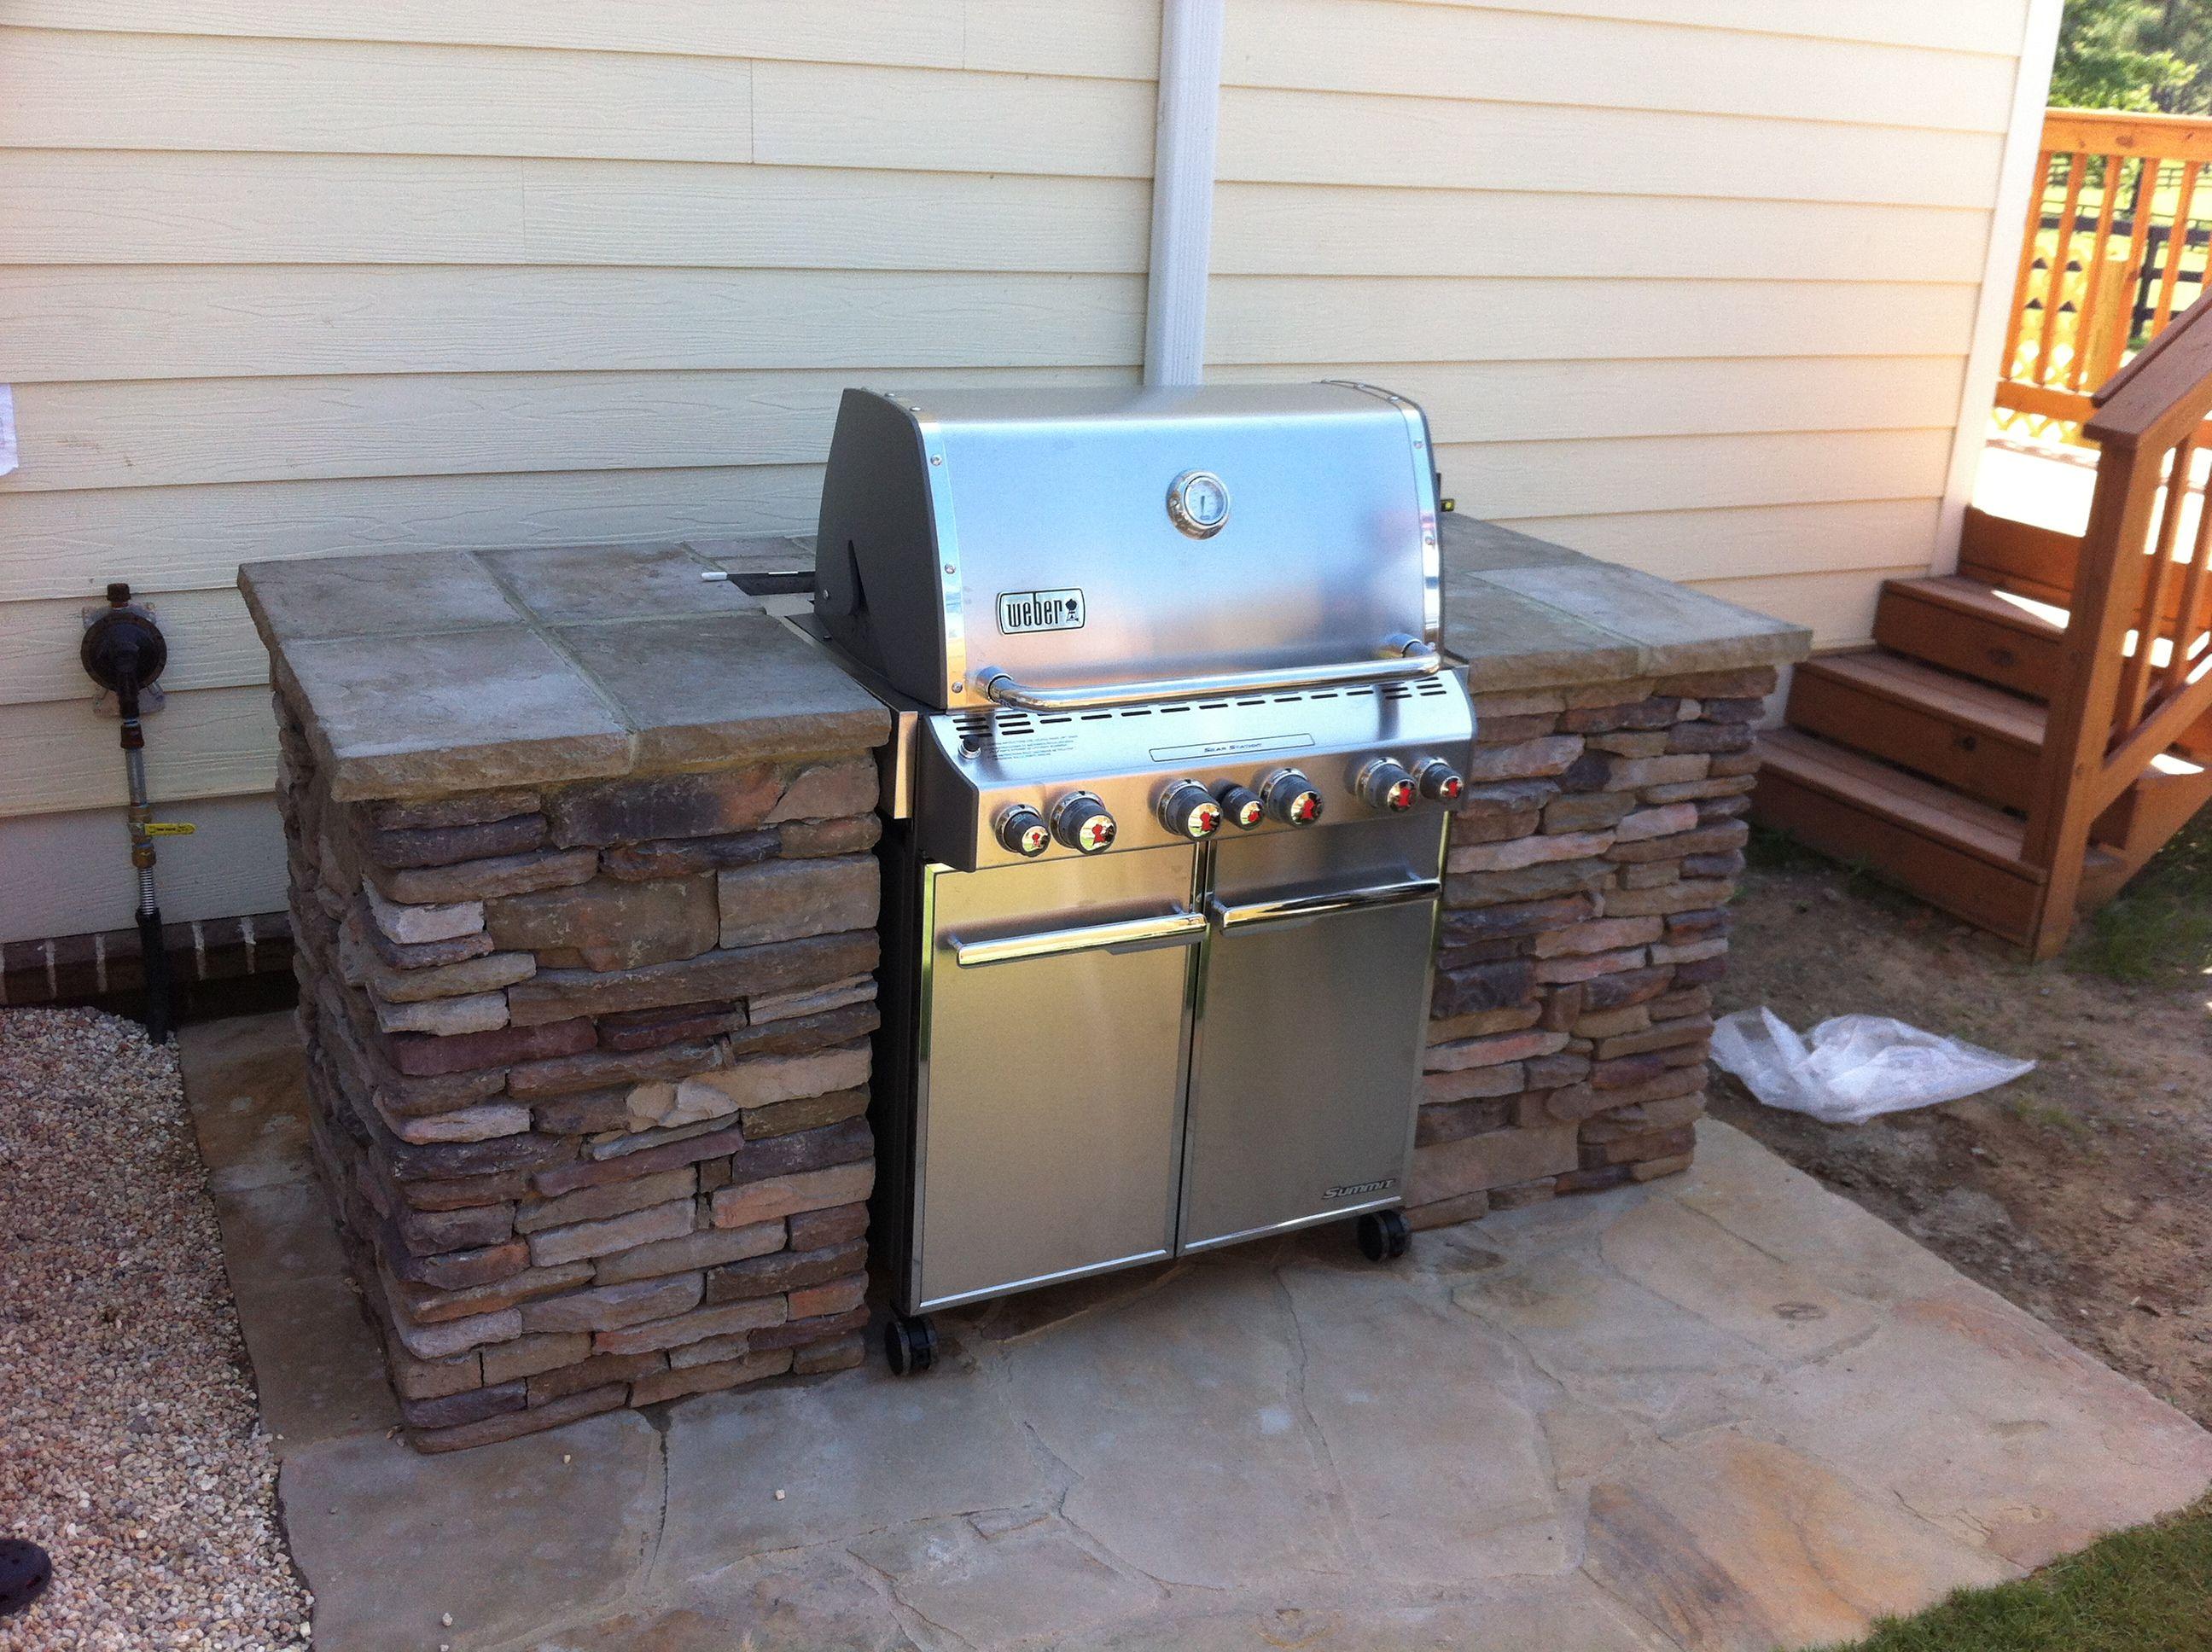 Outdoor Bbq Kitchen Islands On Pinterest Outdoor Kitchens Bbq Outdoor Kitchen Island Outdoor Remodel Backyard Kitchen